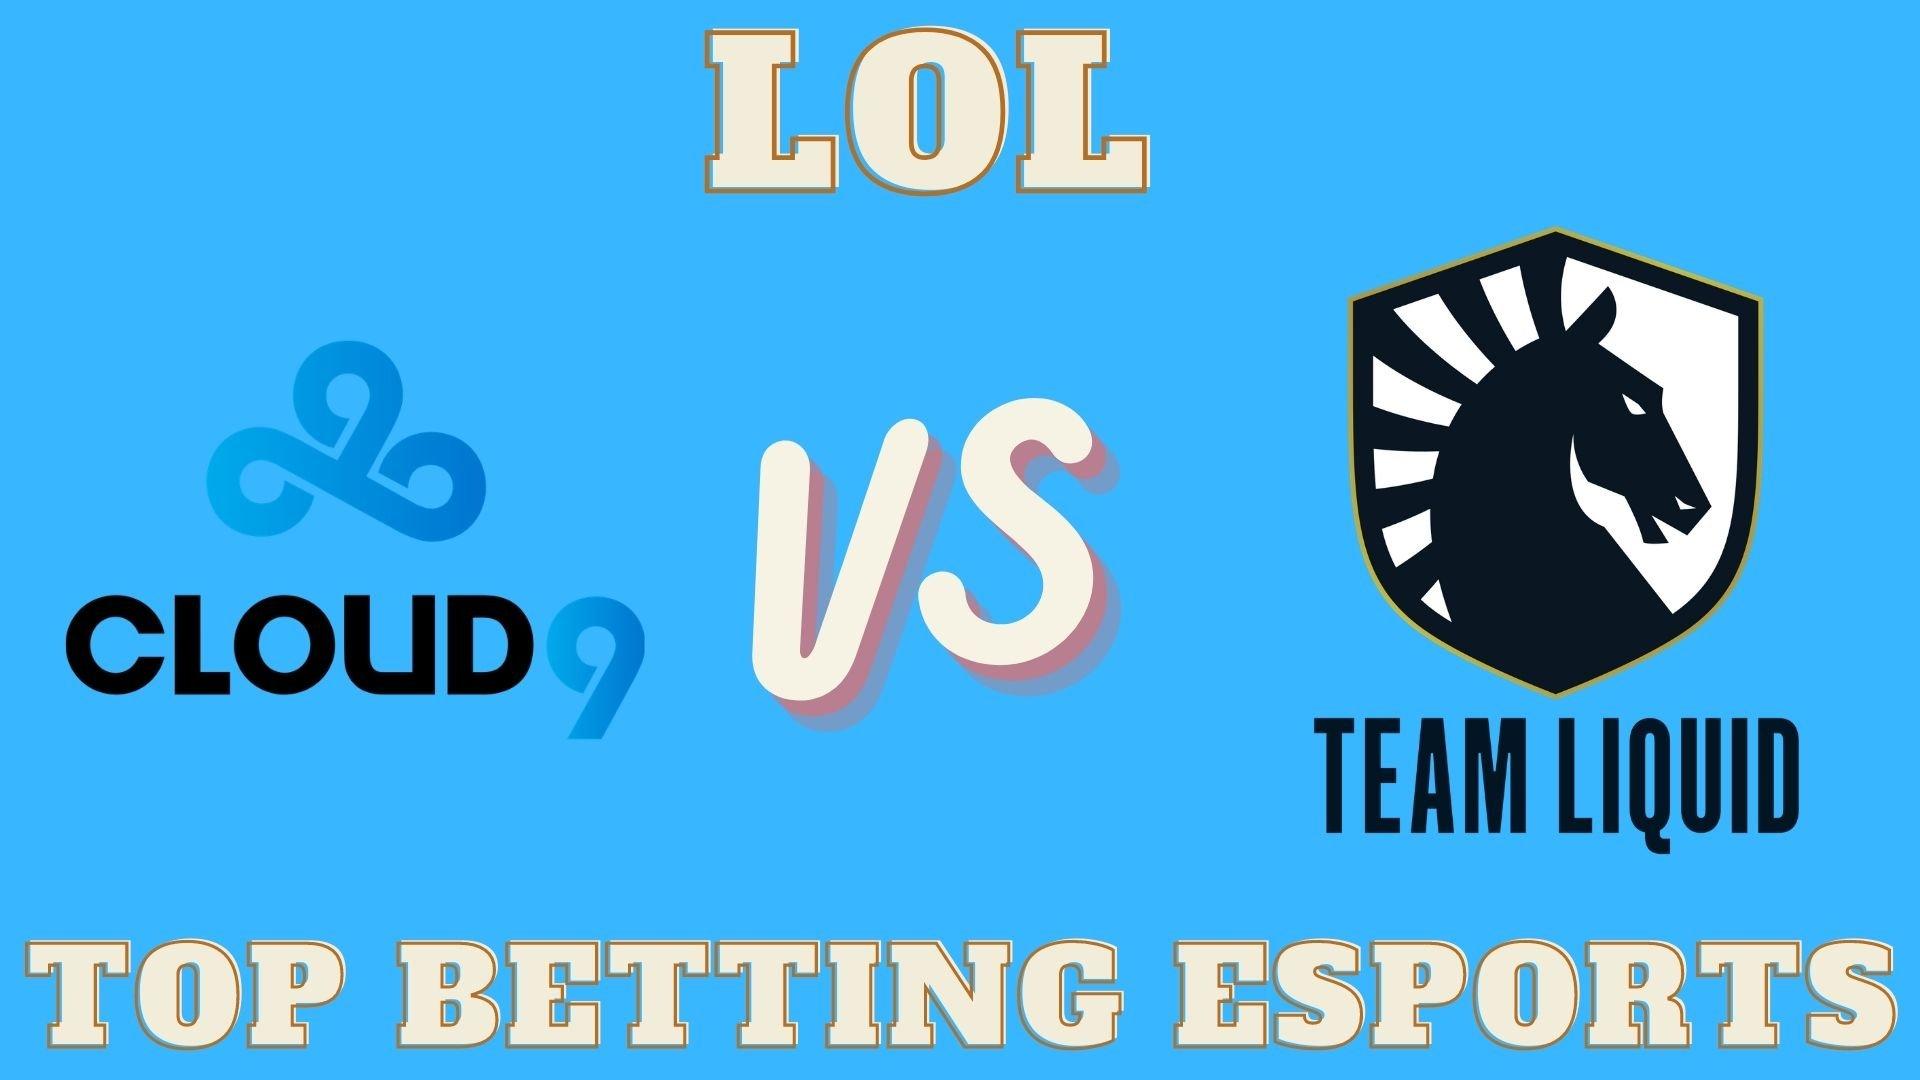 LCS Cloud9 vs Team Liquid Betting prediction